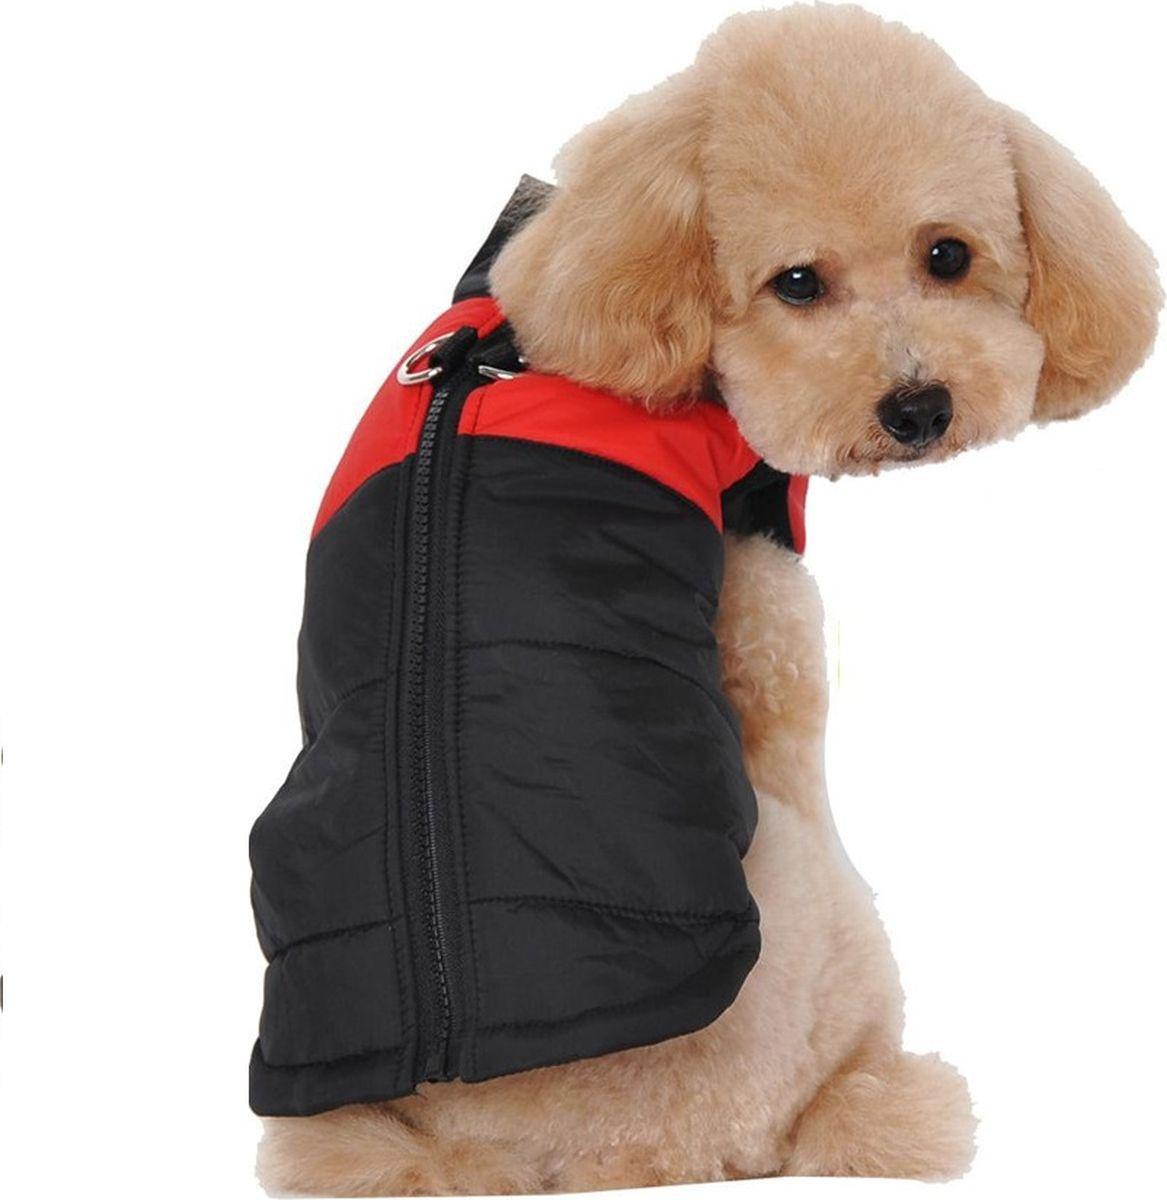 Жилет для собак  Fidget Go , цвет: черный, красный, водонепроницаемый, унисекс. Размер S - Одежда, обувь, украшения - Одежда